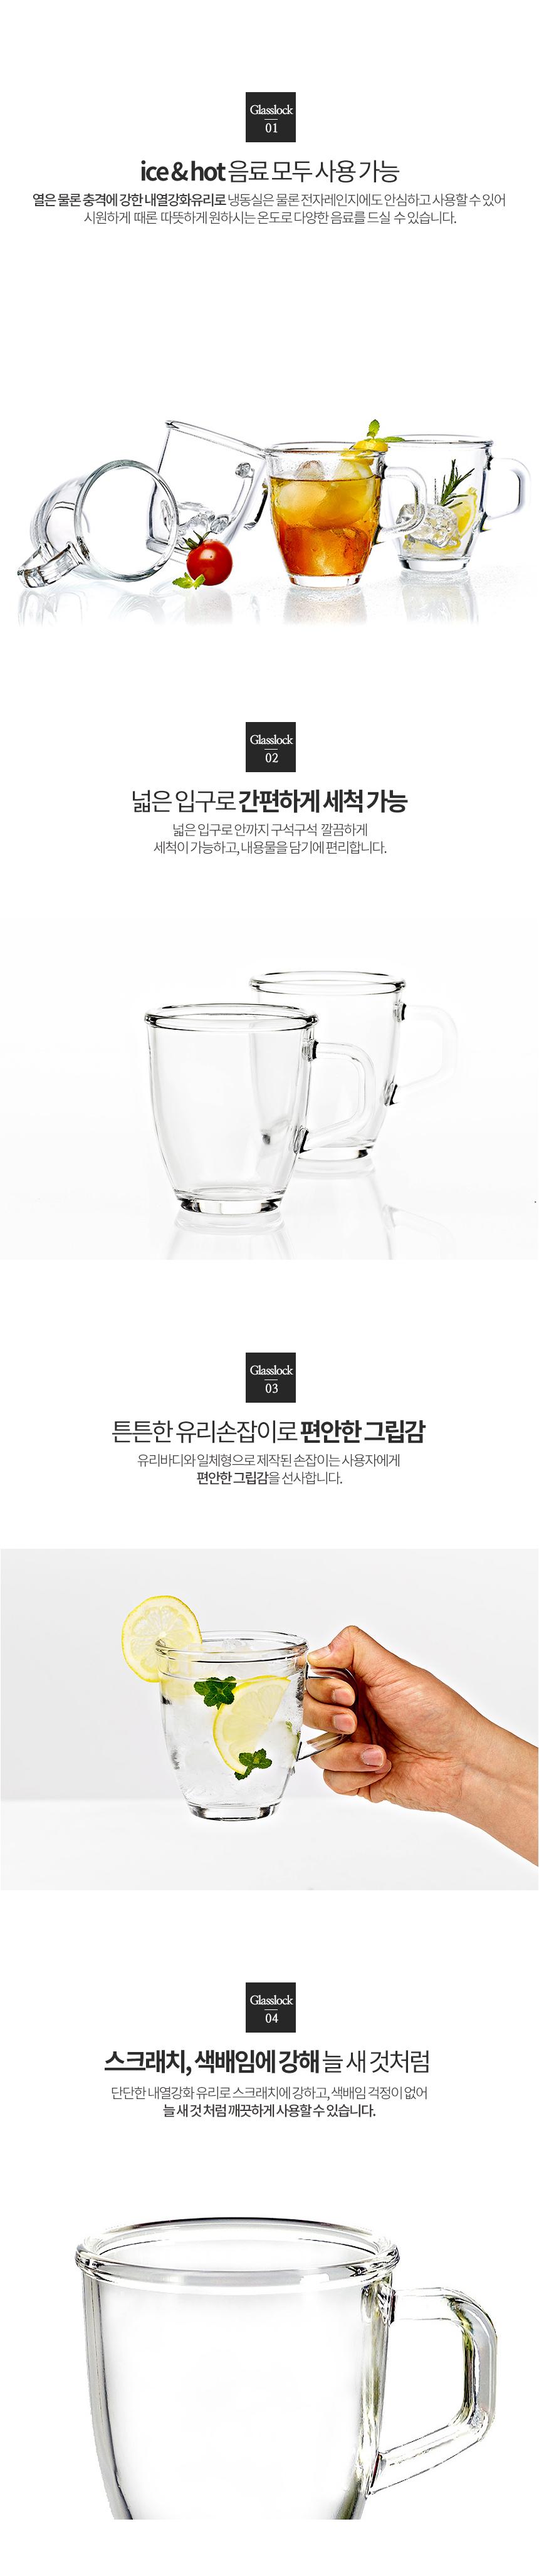 글라스락 내열강화 다용도머그 350ml_4조 - 글라스락, 13,500원, 유리컵/술잔, 유리컵